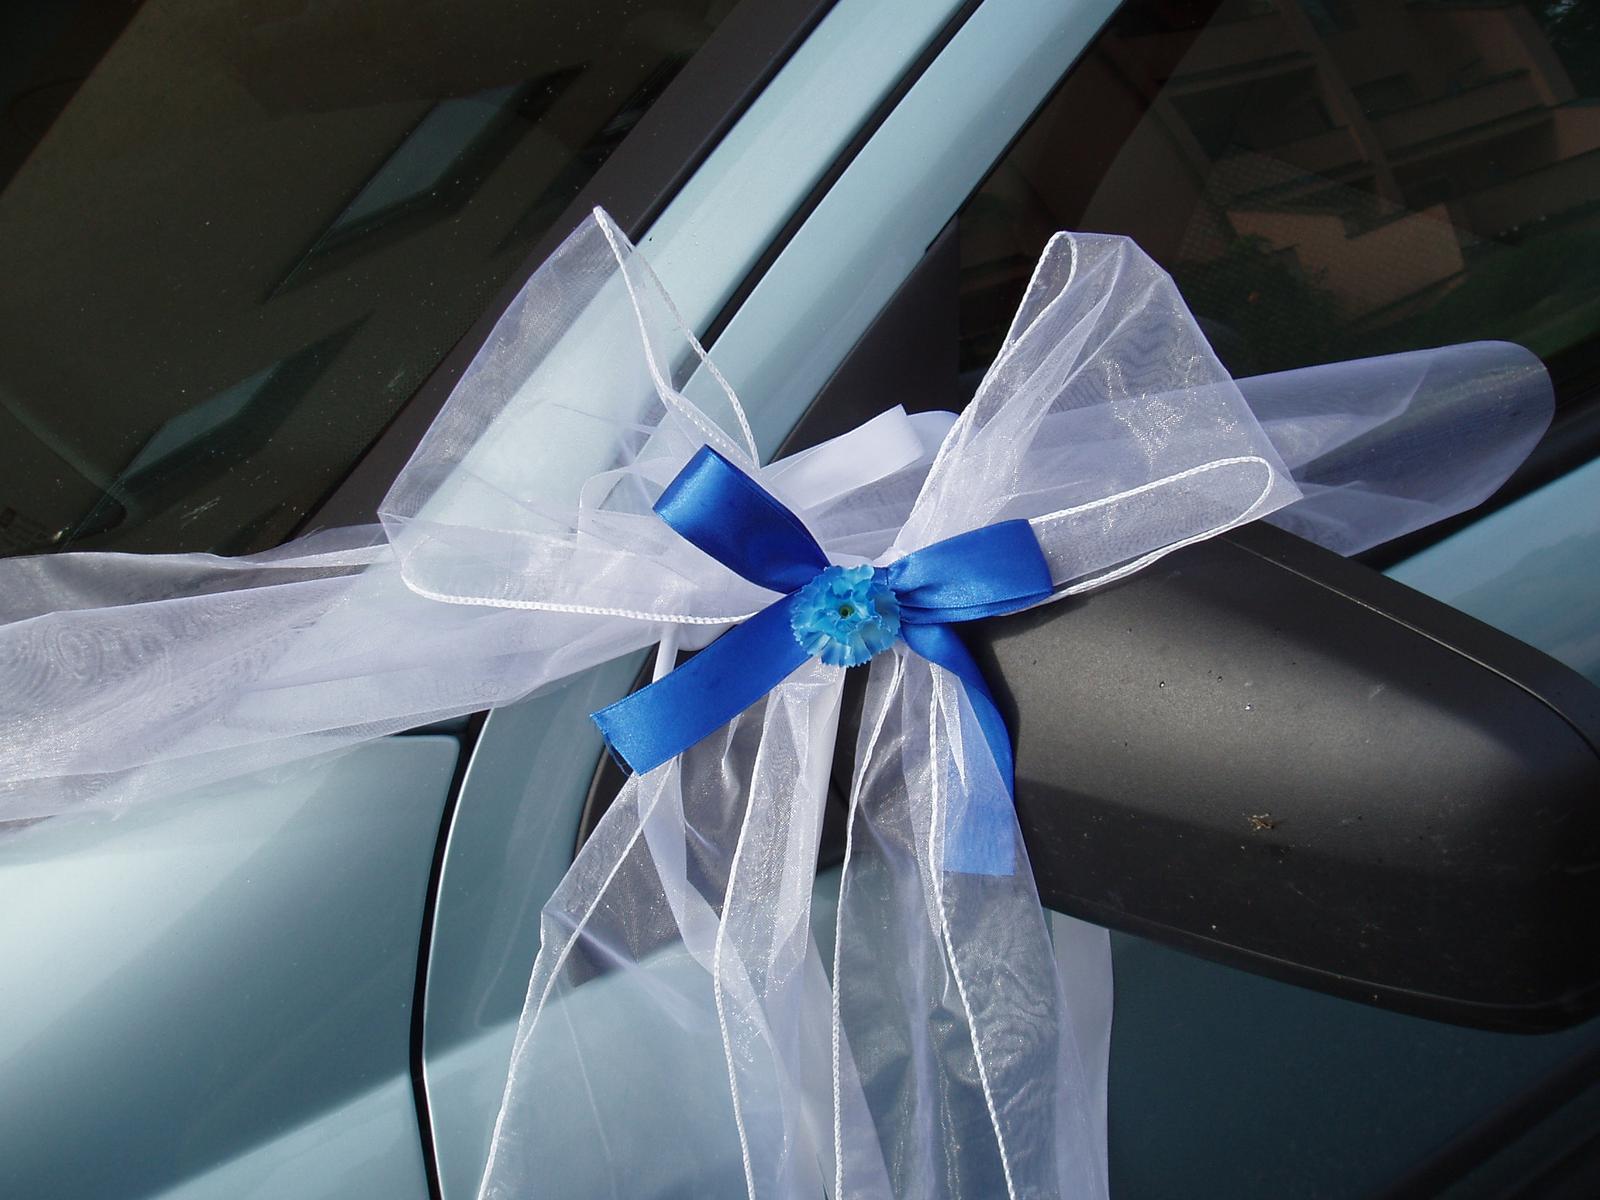 svatební set na auto-modrý - Obrázek č. 2